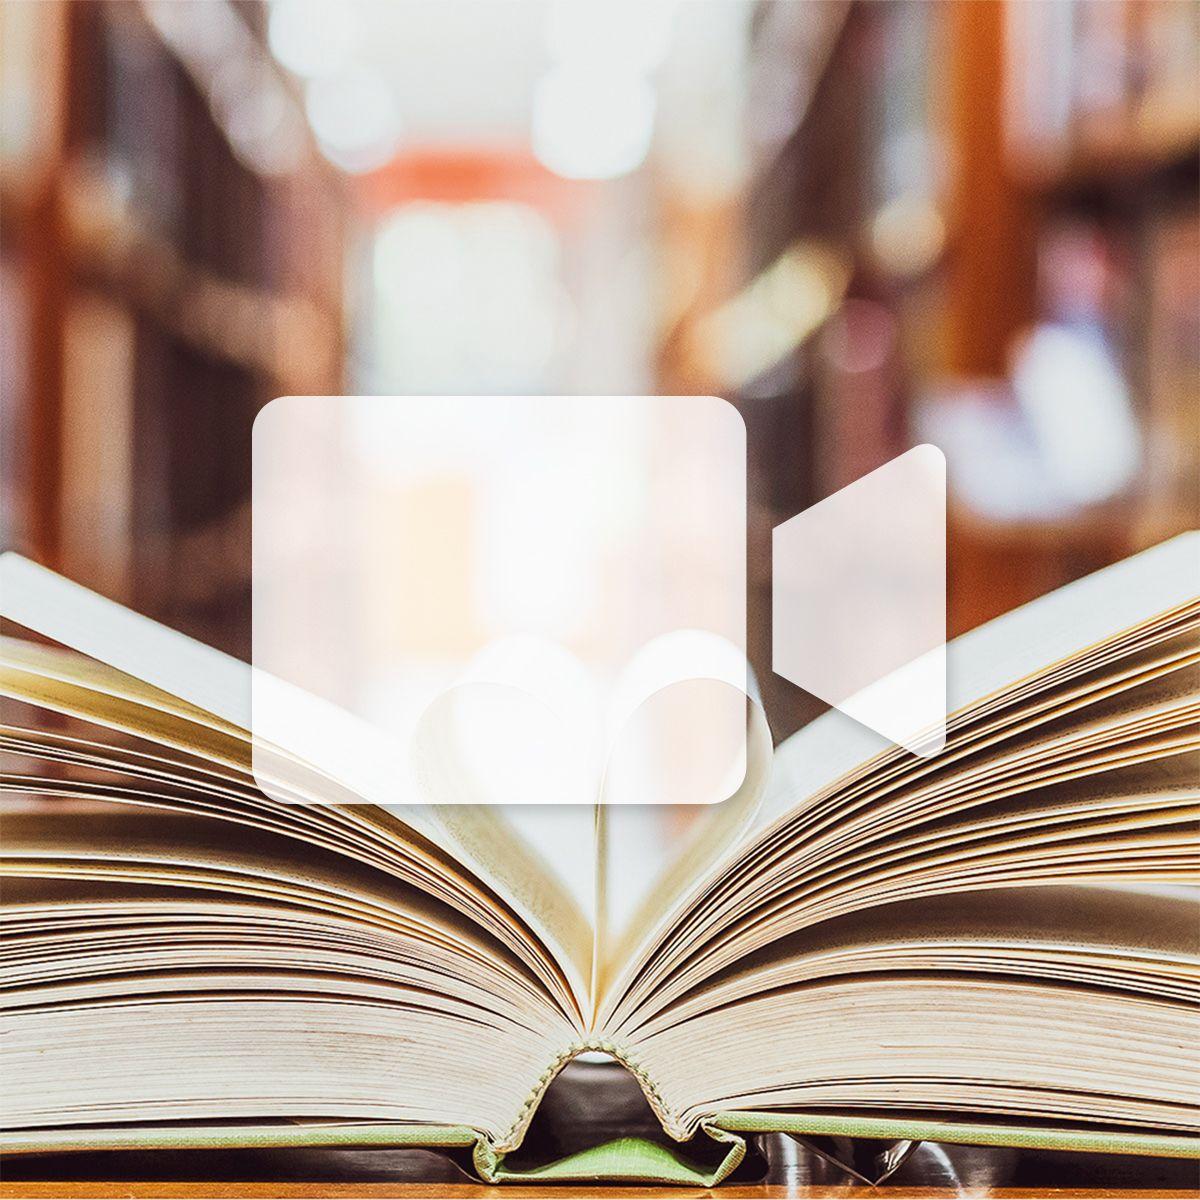 En ligne - Club de lecture - Séance du 7 mai